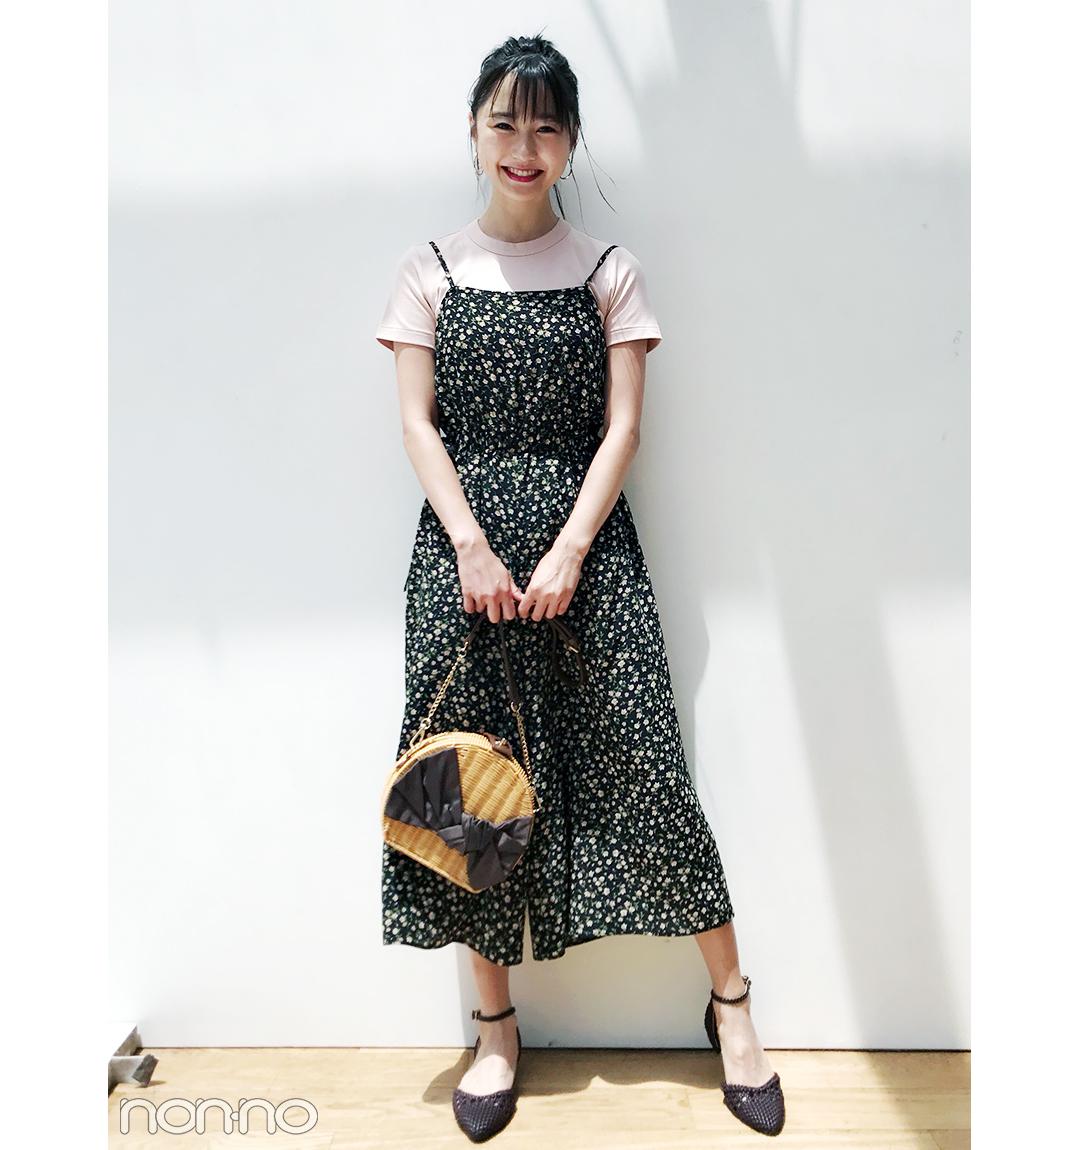 鈴木友菜はピンクTシャツ×キャミオールインワンで新鮮にチェンジ!【毎日コーデ】_1_1